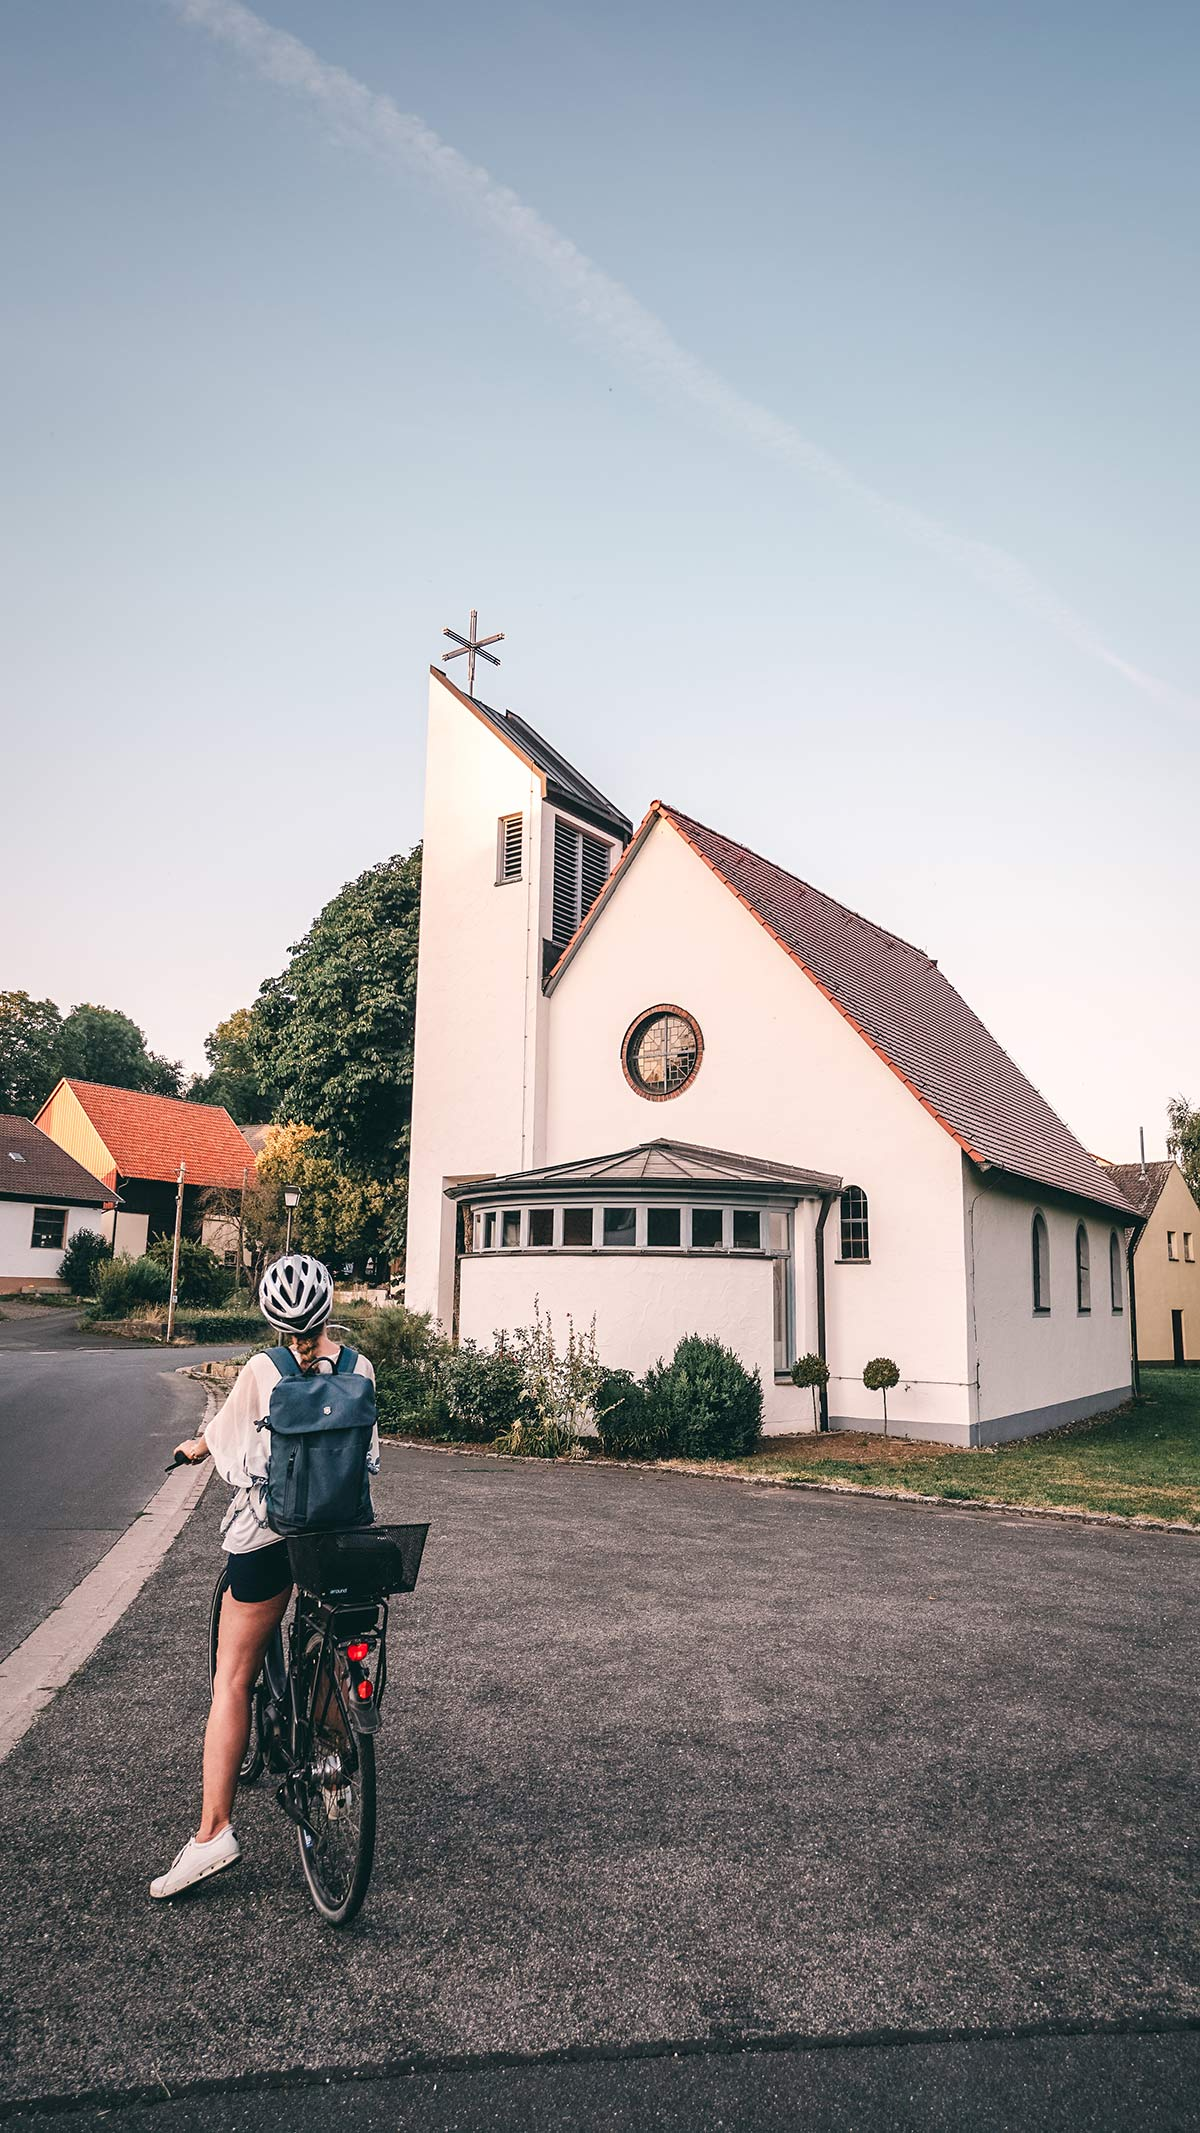 Radtour Nedensdorf Kirche